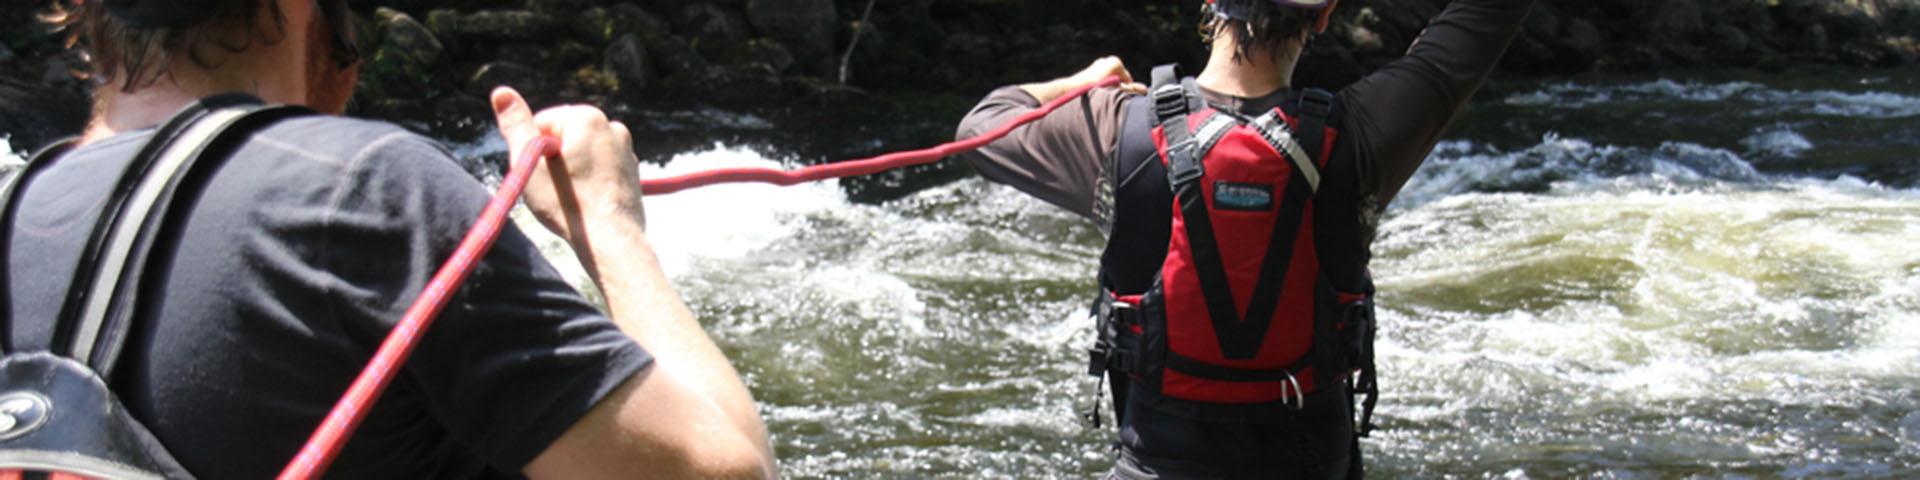 River Rescue by Madawaska Kanu Centre - Image 320